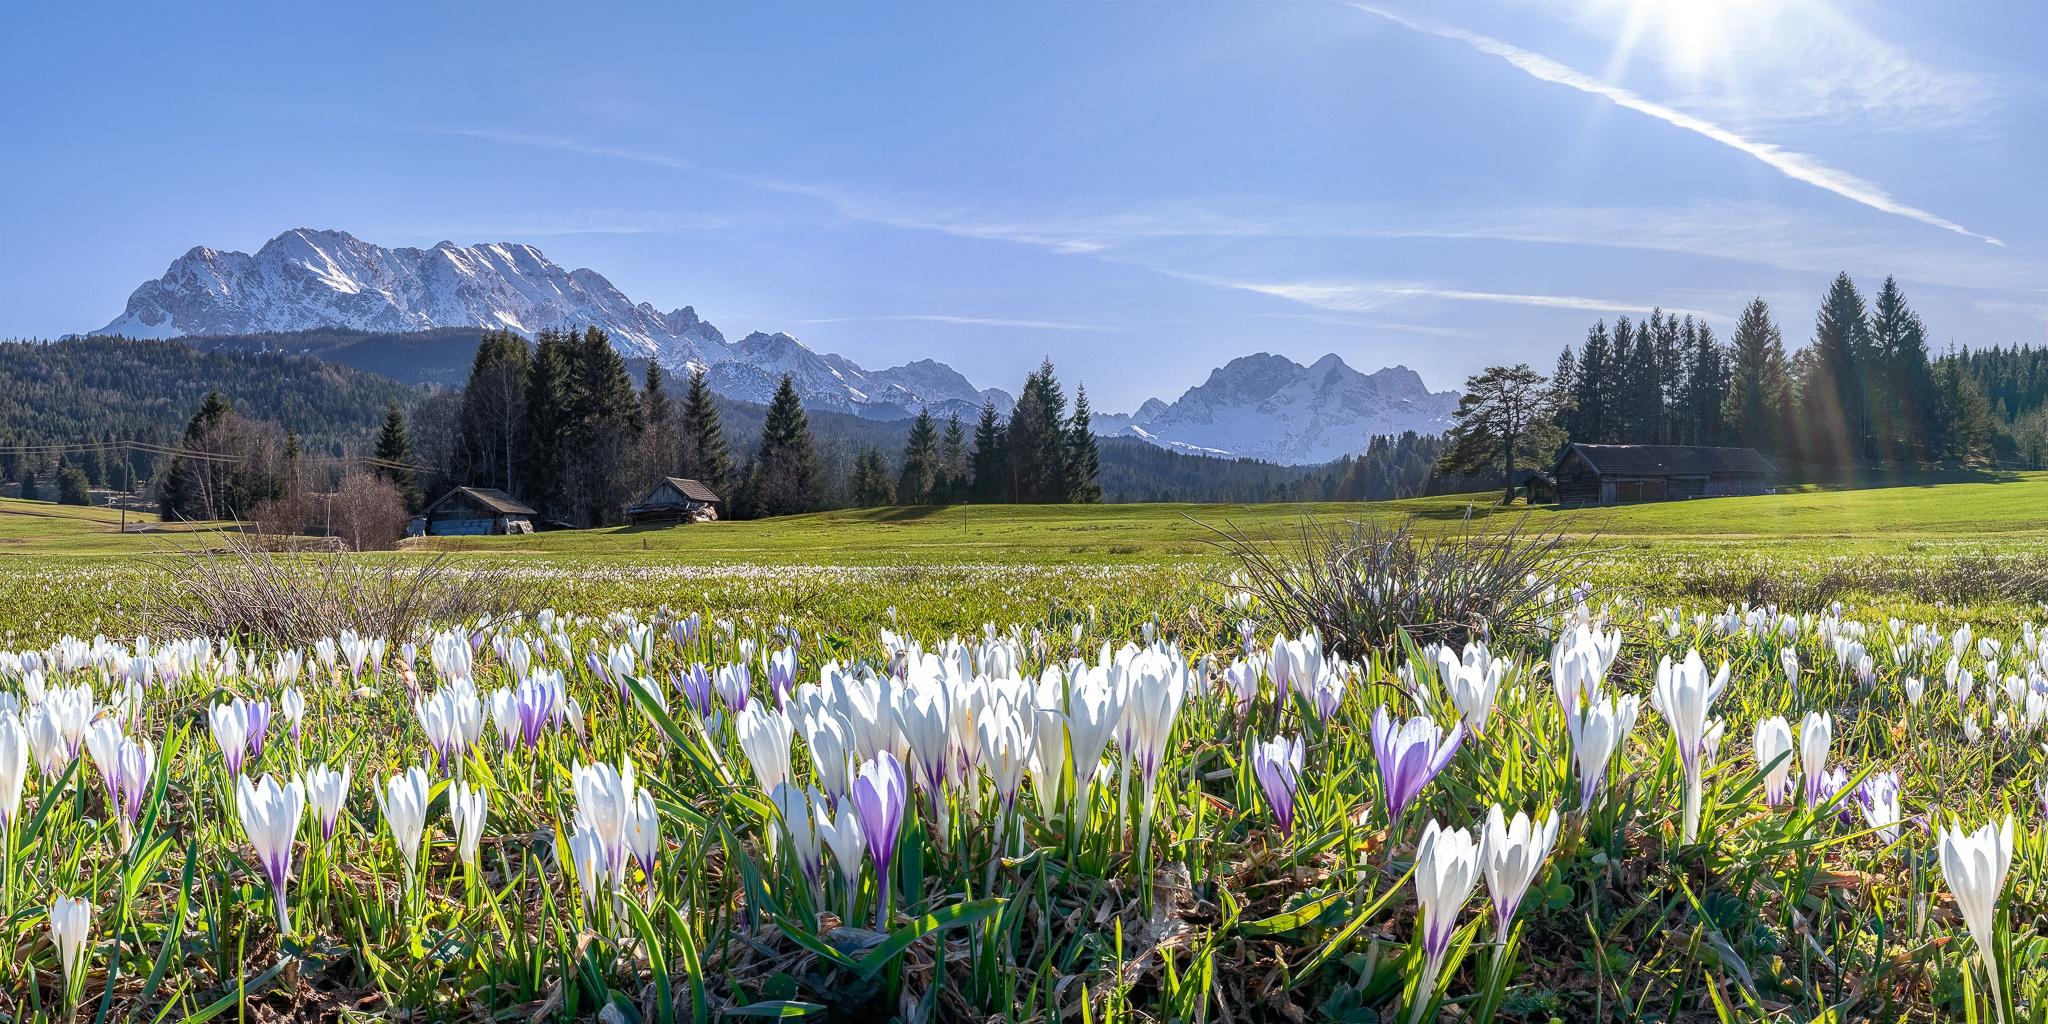 Krokusse wachsen fast überall auf den Buckelwiesen zwischen Krün, Mittenwald und Klais.  Alpen - Blick von den Buckelwiesen.